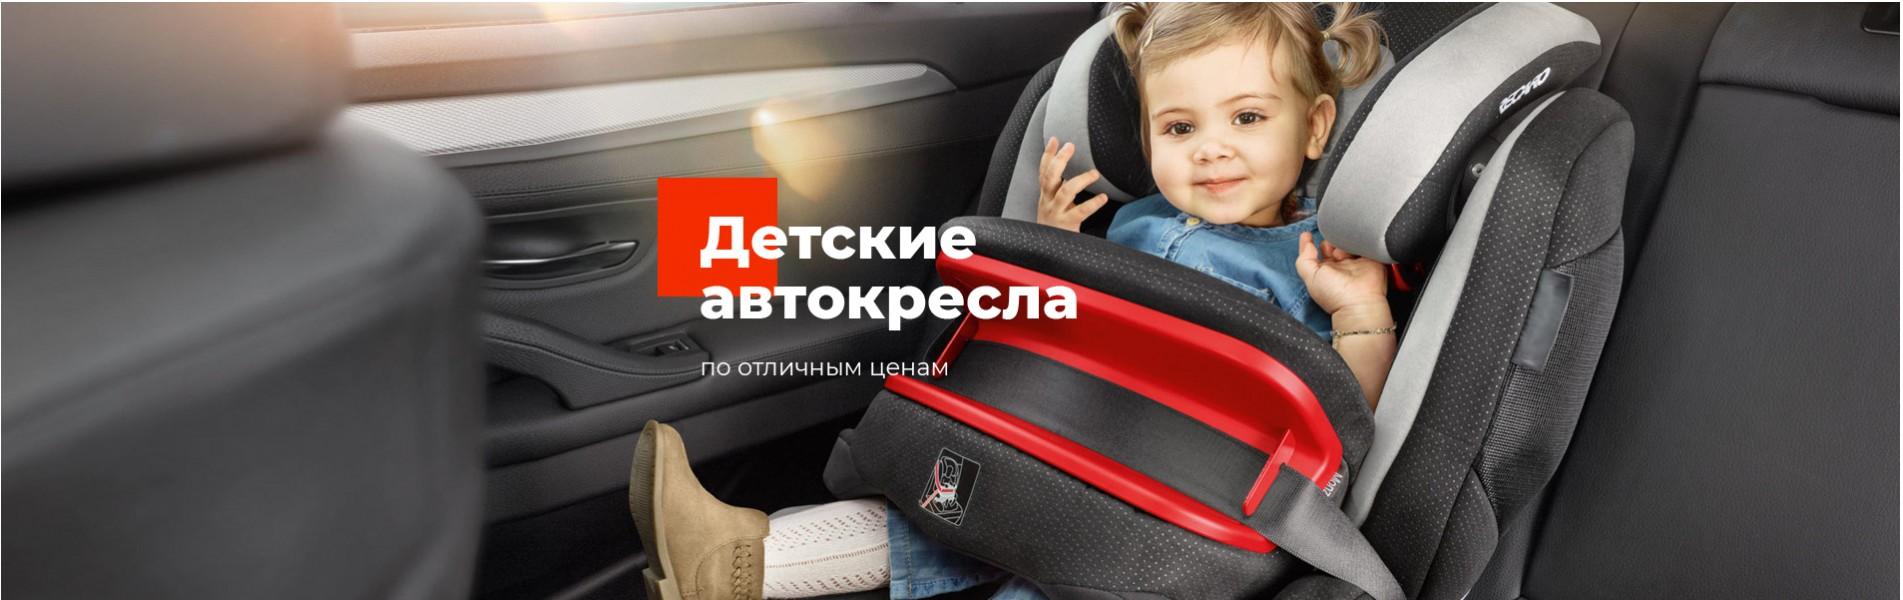 Детские автокресла